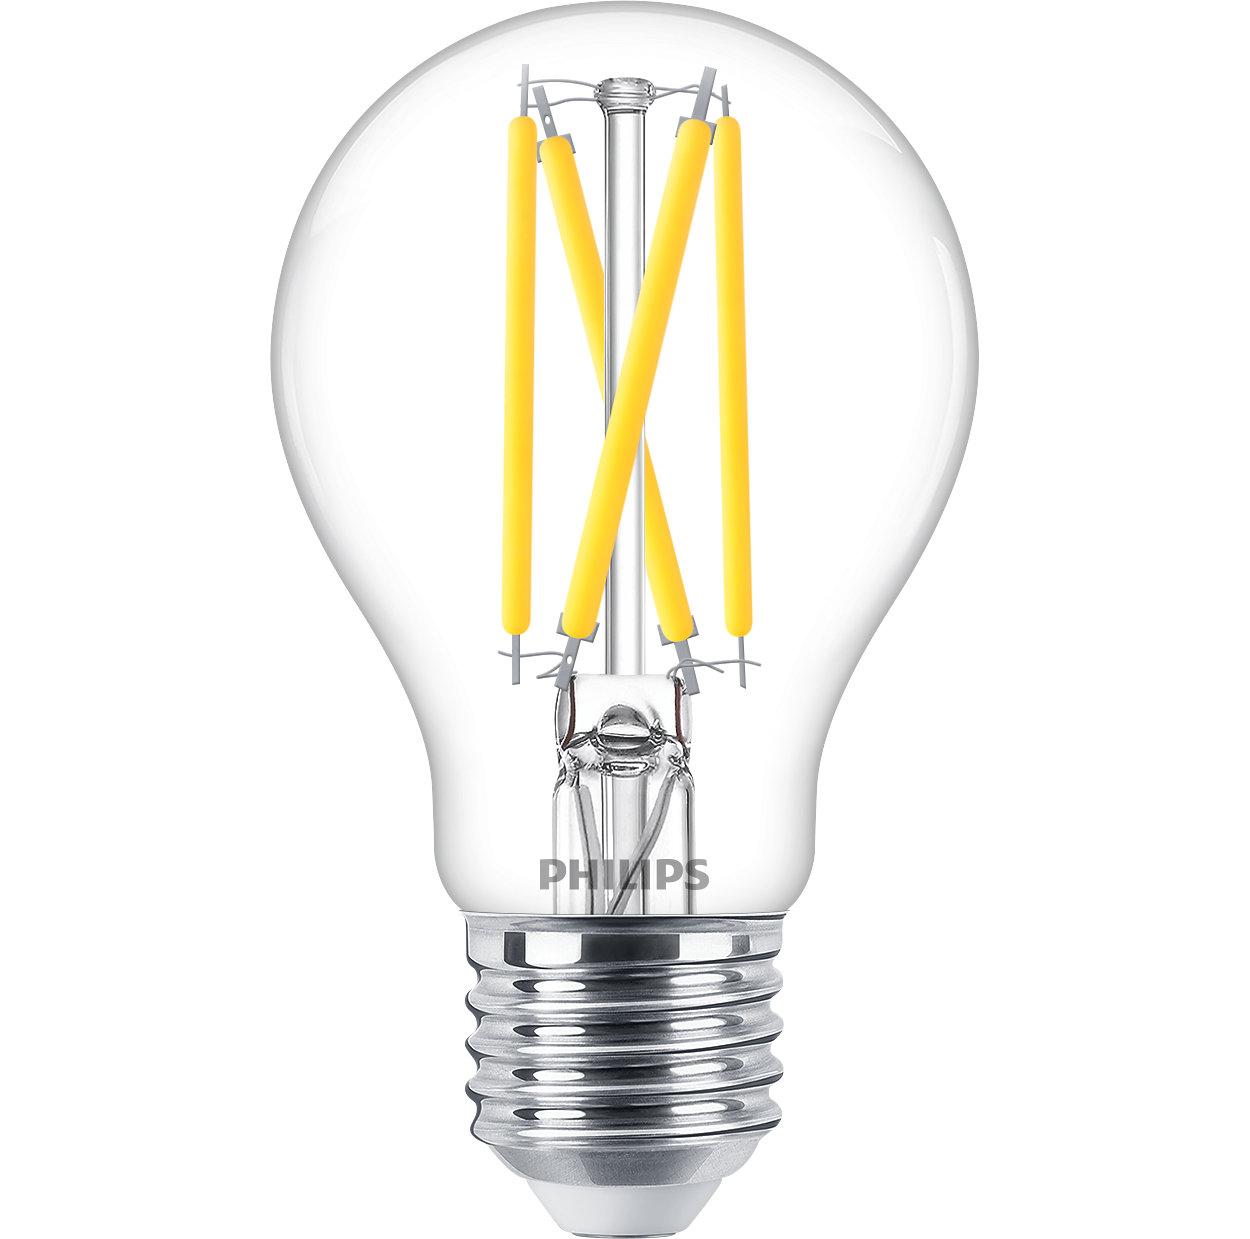 Спробуйте світлодіодний світильник із теплим білим світлом та можливістю регулювання яскравості